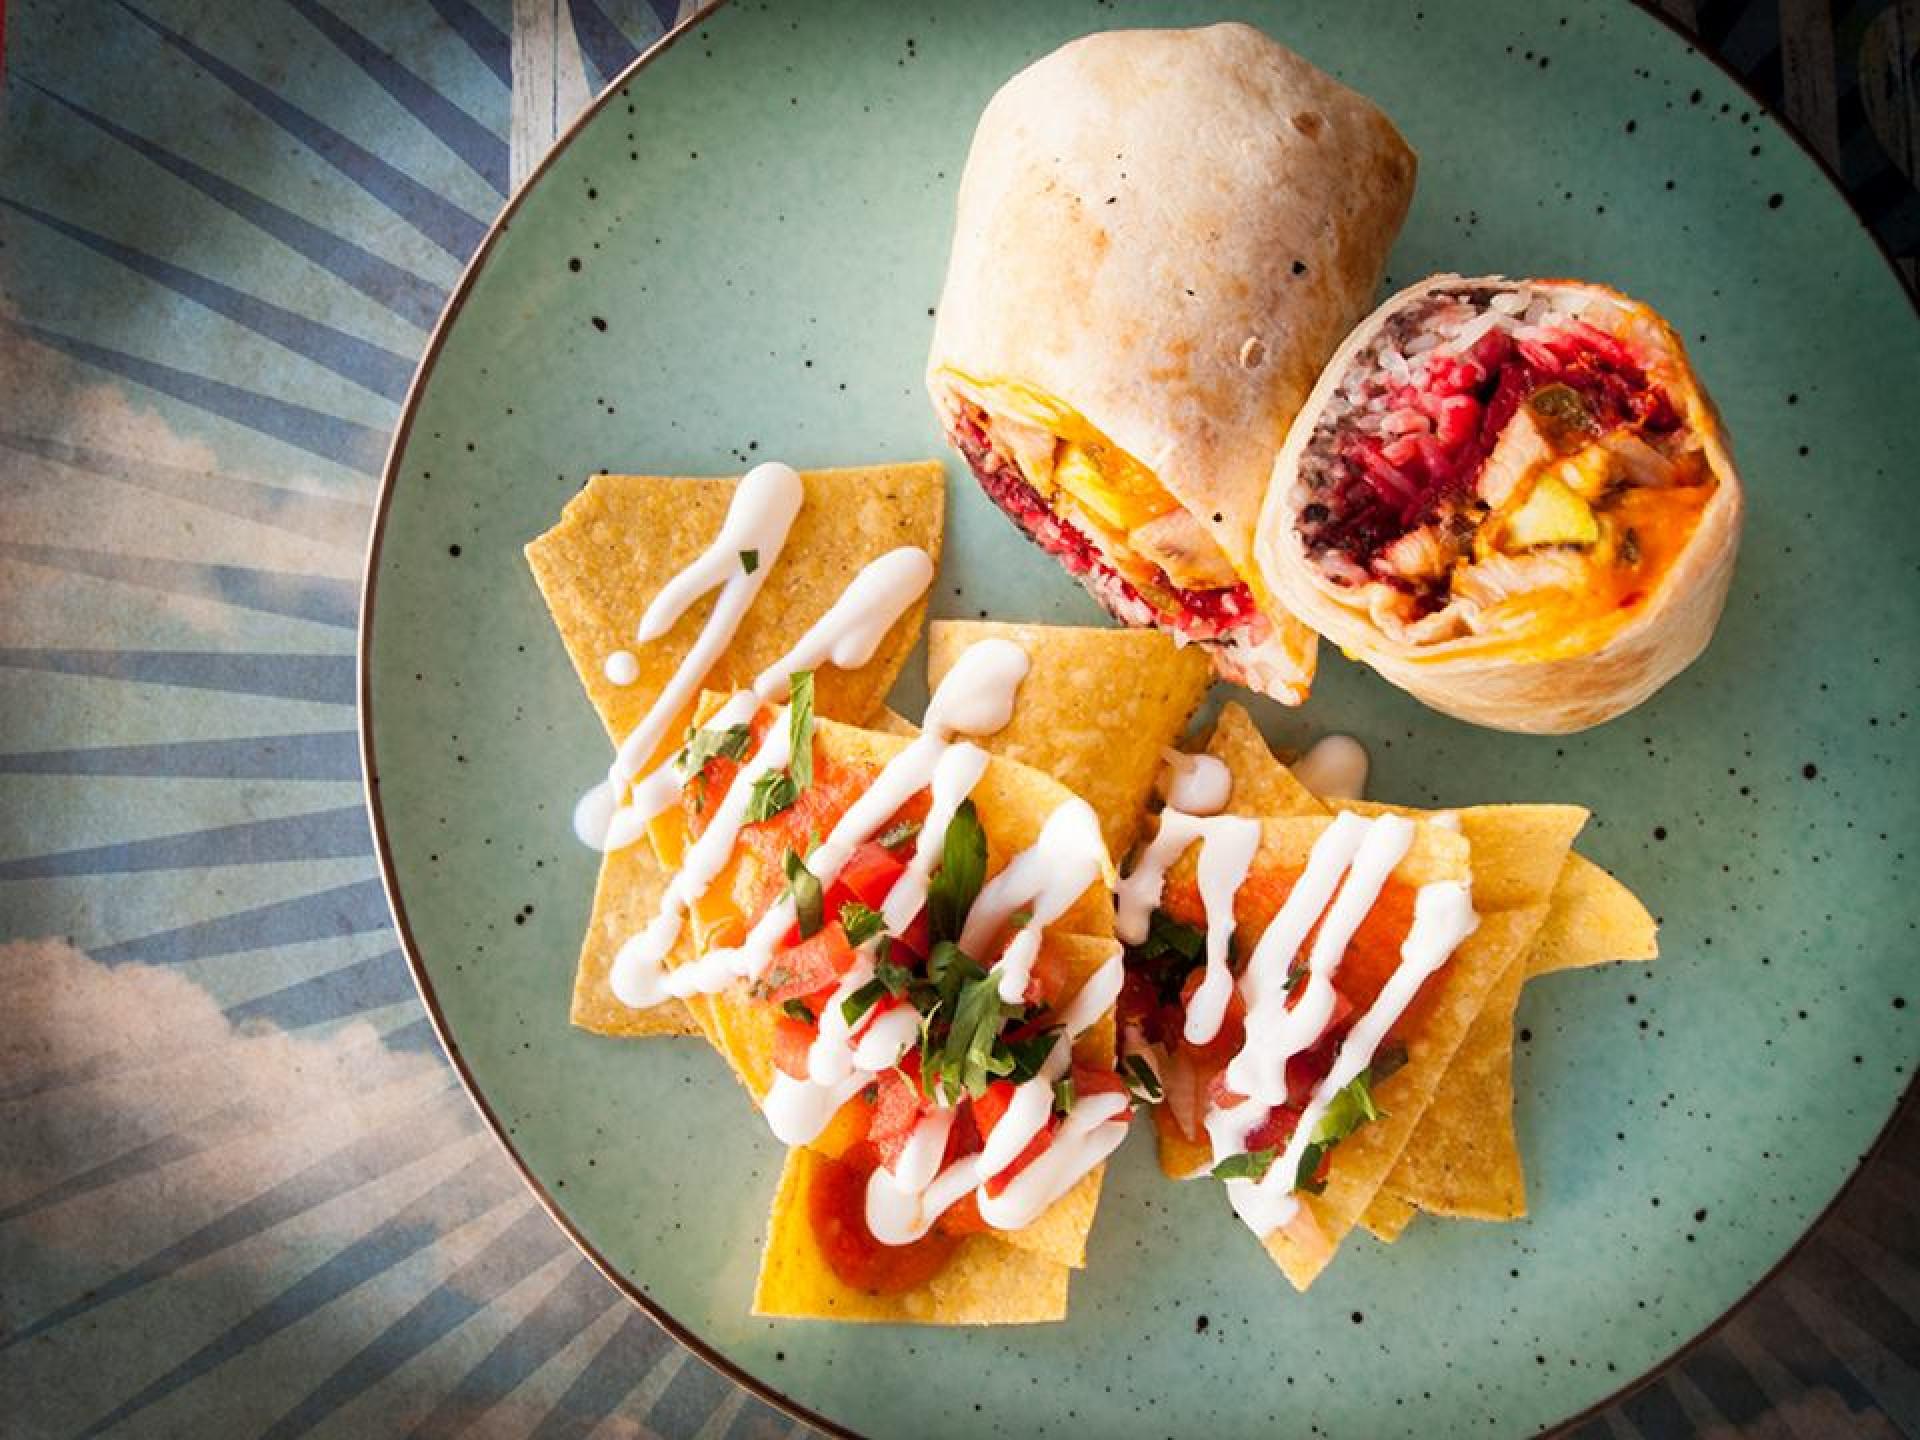 Arriba! Vai uma rota pela gastronomia mexicana sem sair de Lisboa?